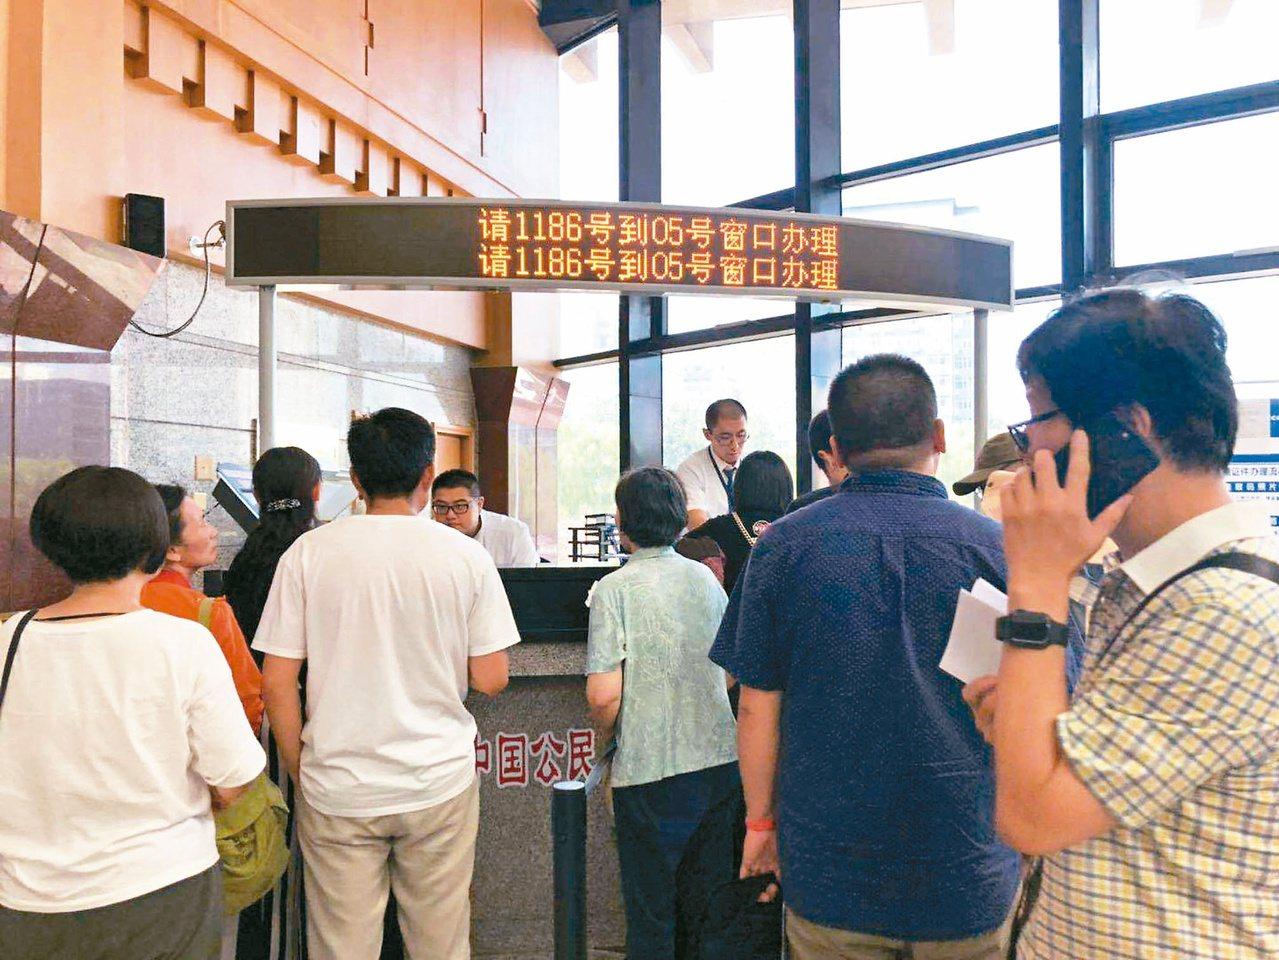 大陸今日起全面暫停辦理陸客赴台自由行簽注。許多北京民眾趕在昨日下班前,到公安局辦...